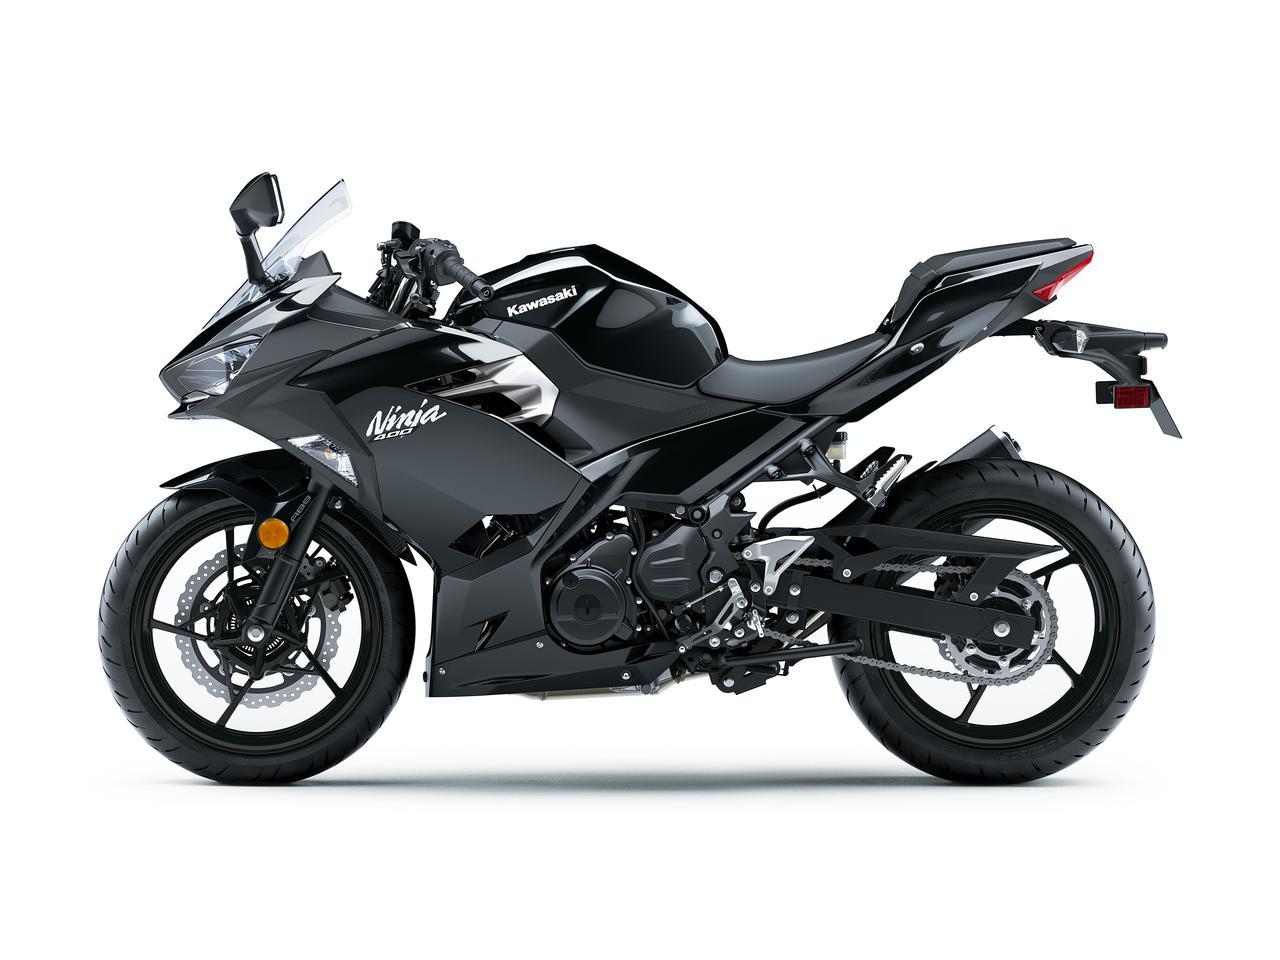 Images : 1番目の画像 - カワサキ「Ninja 400」シリーズ(2021年モデル)の写真をもっと見る! - webオートバイ